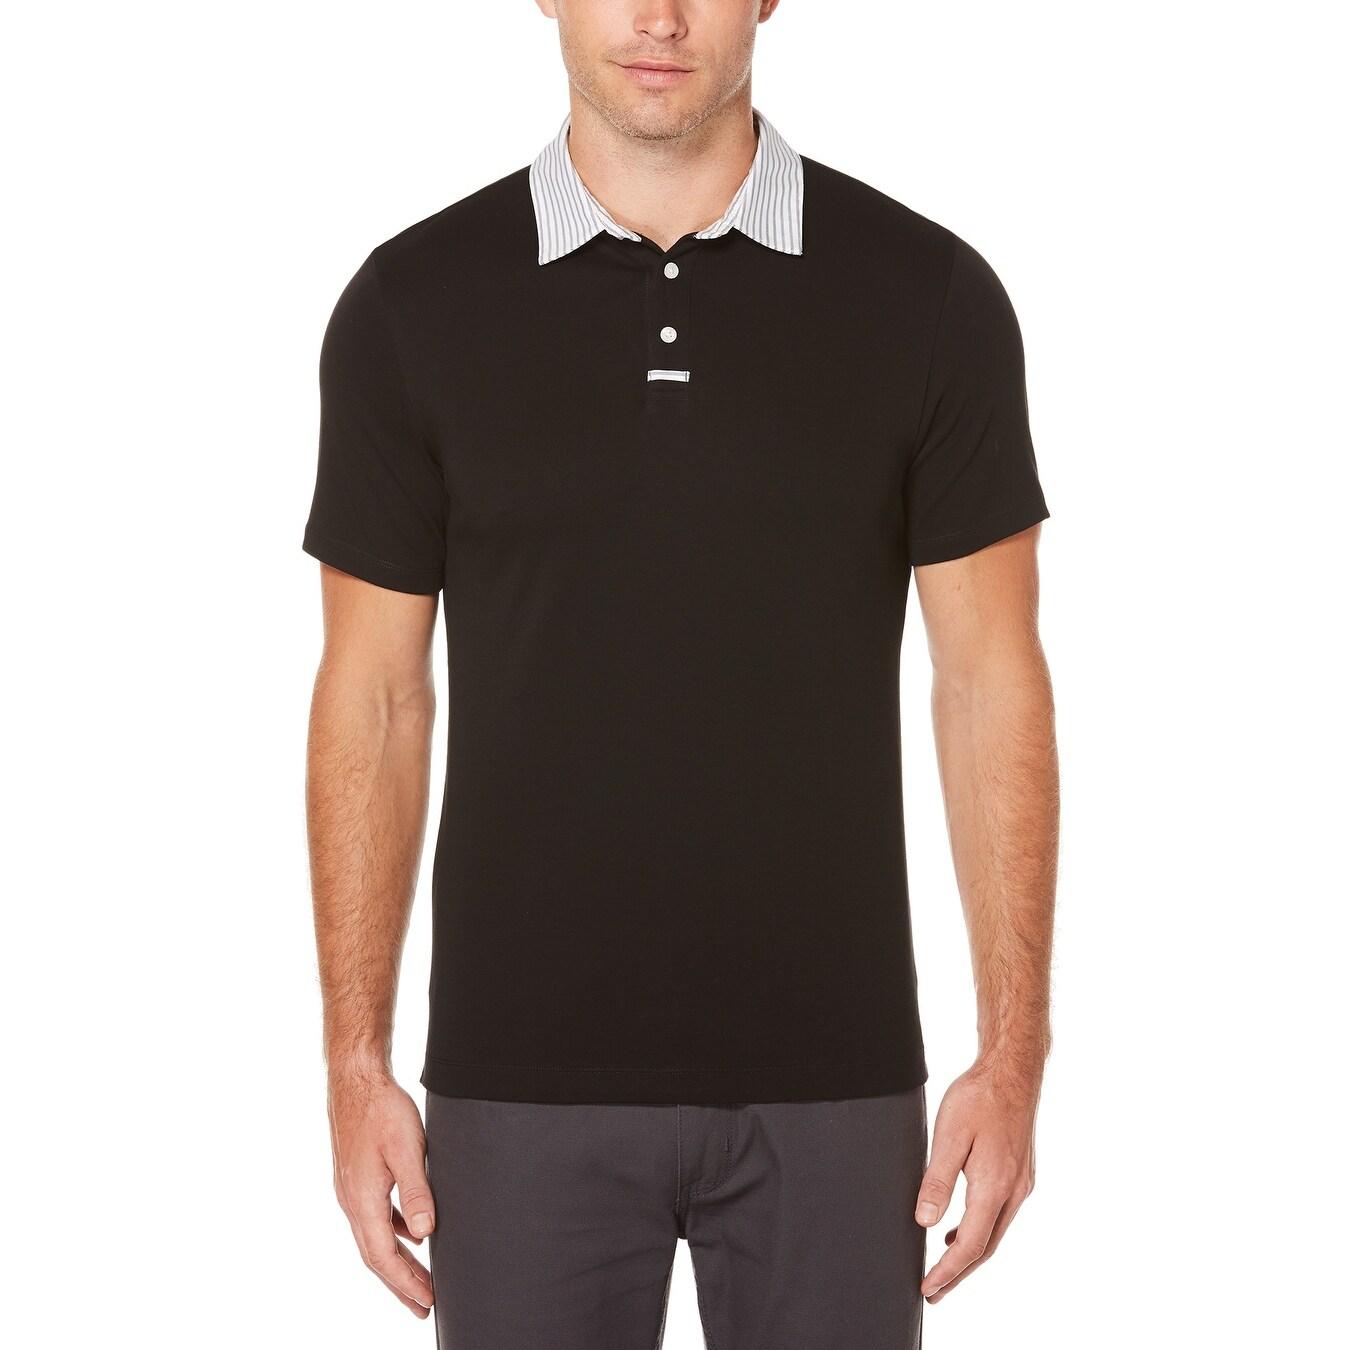 bae966b54208d5 Polo T Shirts 3xl - DREAMWORKS